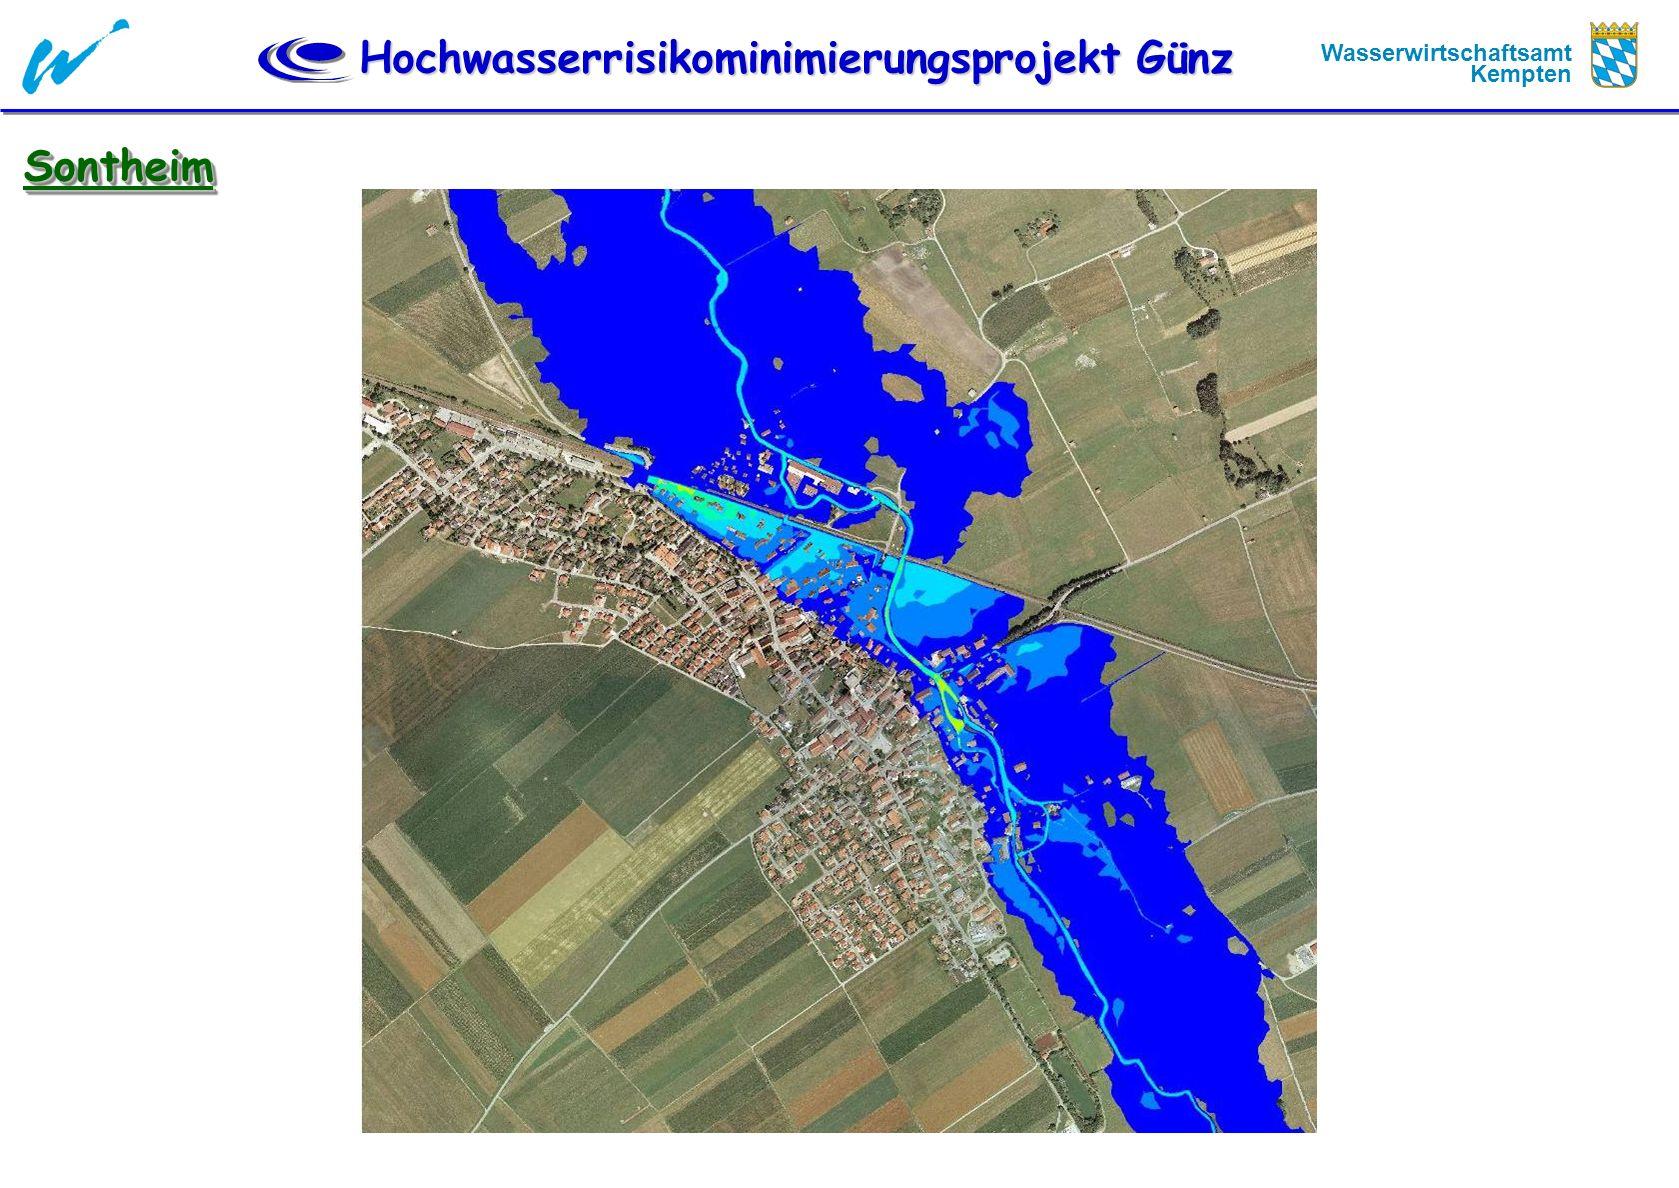 Hochwasserrisikominimierungsprojekt Günz Wasserwirtschaftsamt Kempten Örtliche Schutzmassnahmen Kettershausen Kettershausen Drossel Deich, 50 cm